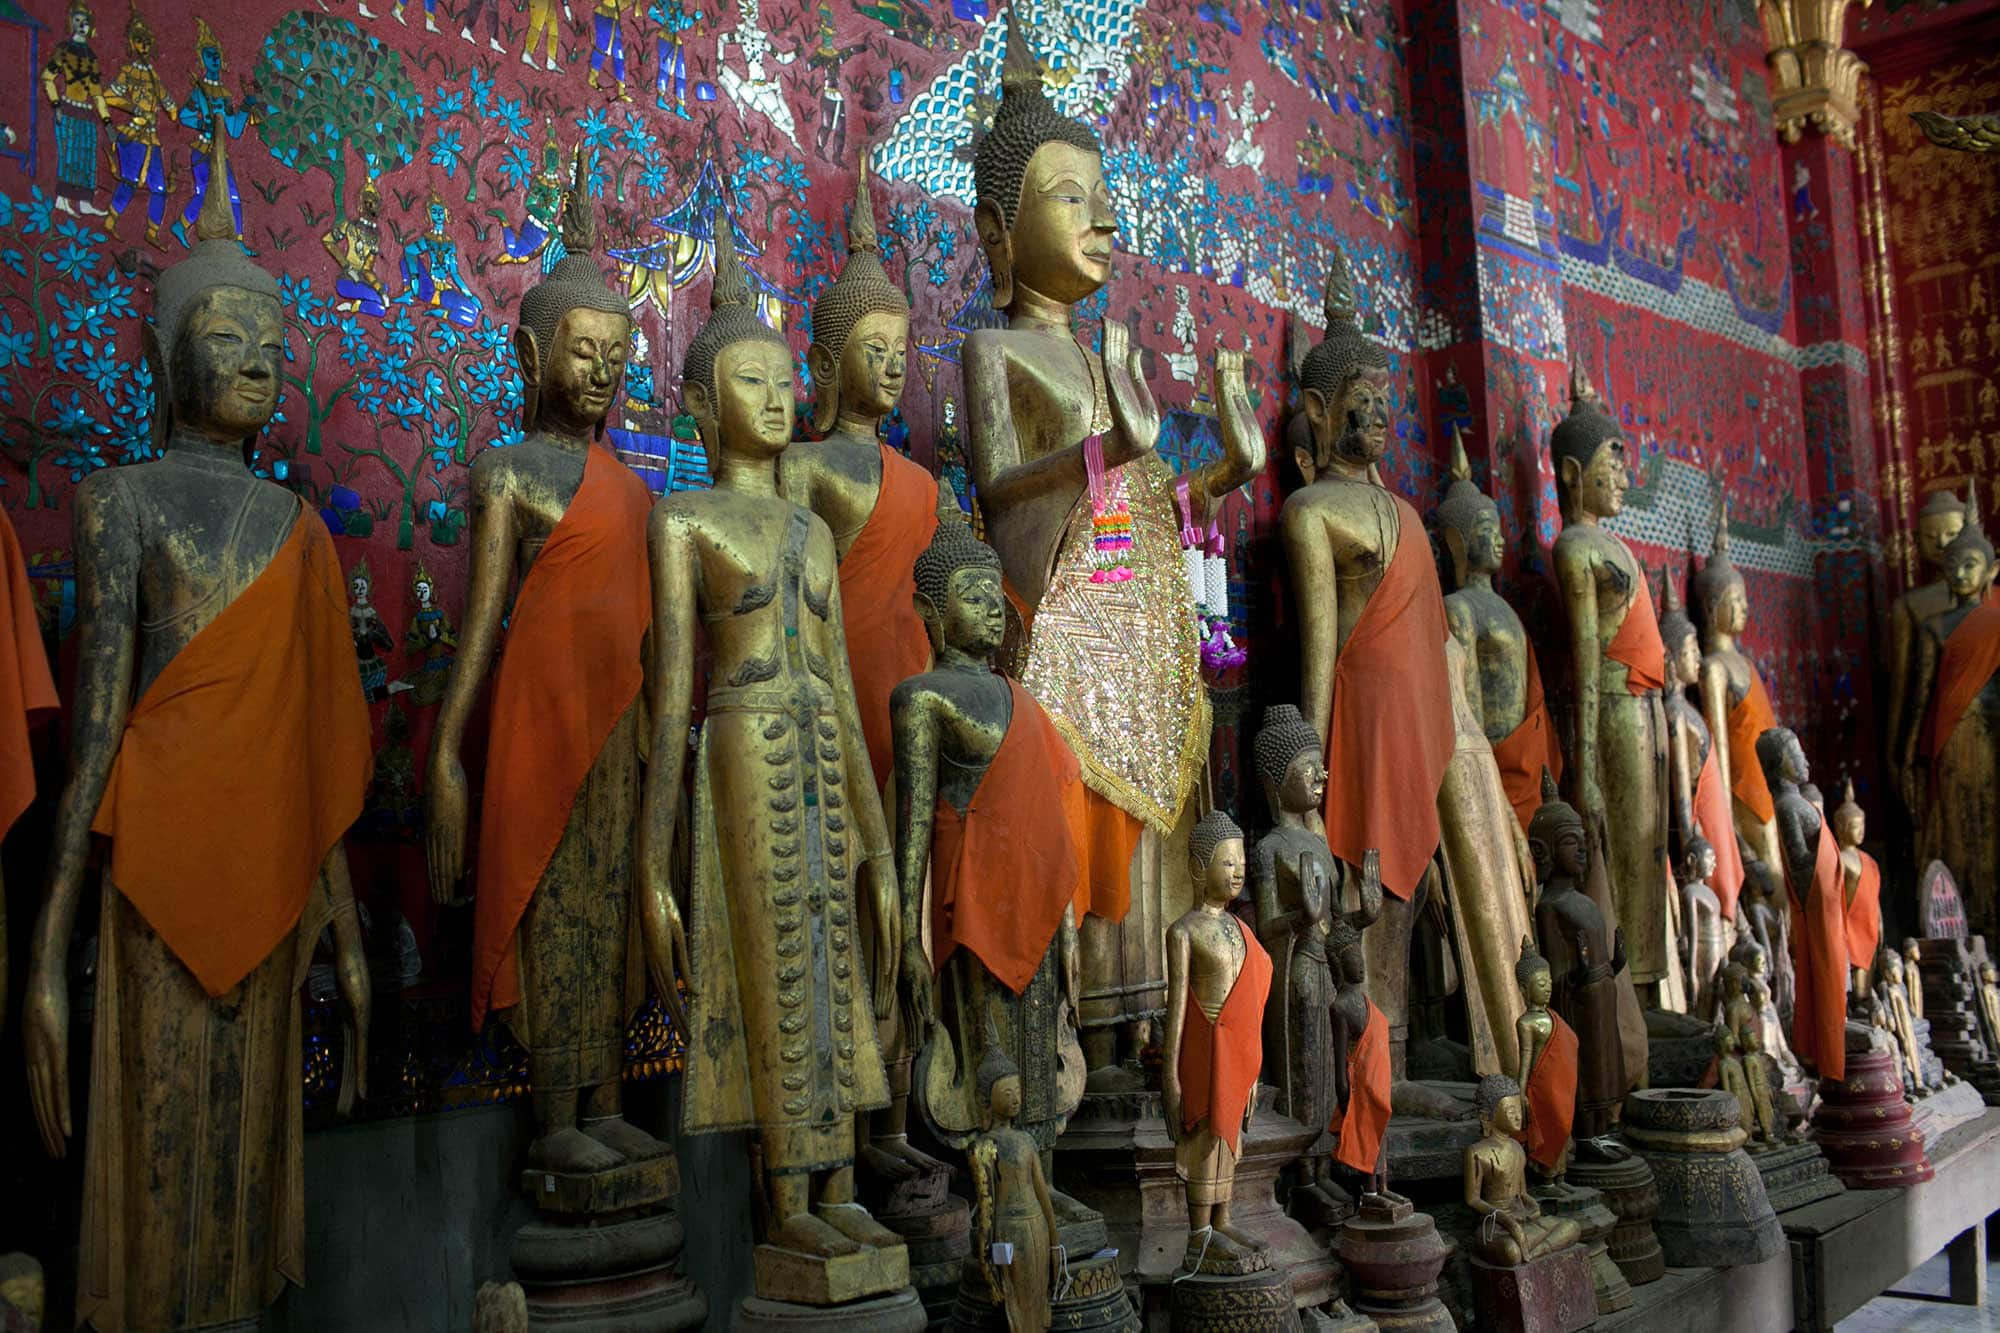 Temples in Luang Prabang, Laos